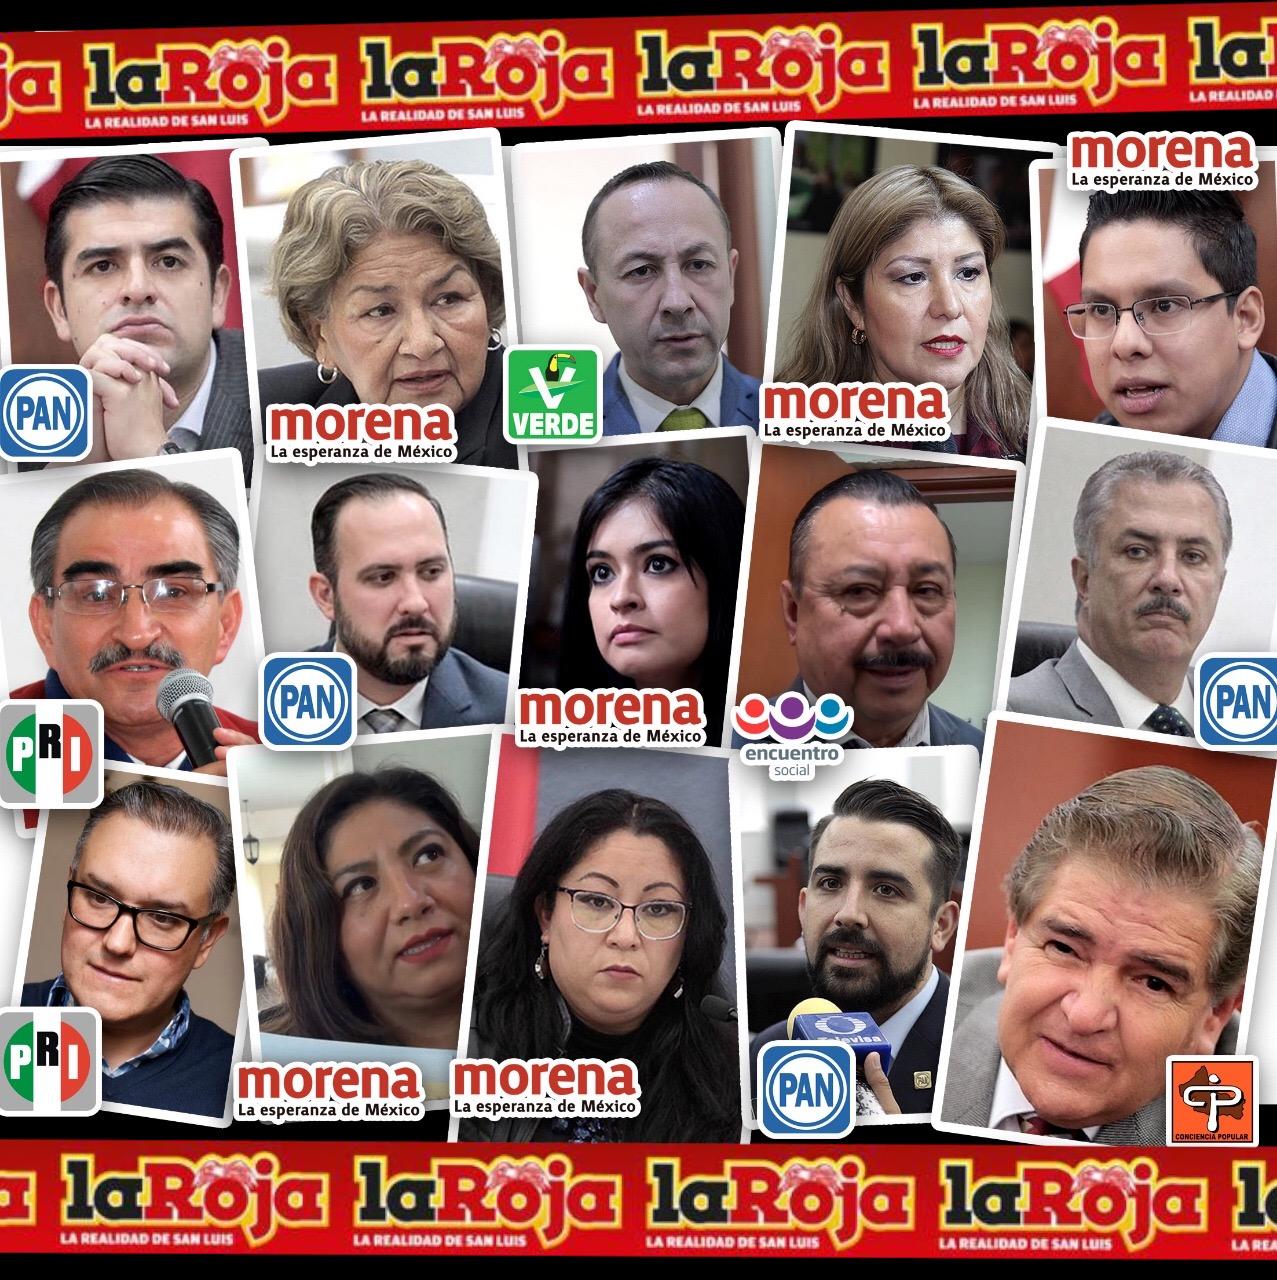 DIPUTADOS CONTRATAN 127 EMPLEADOS CON SUELDOS DE HASTA 56 MIL PESOS MENSUALES